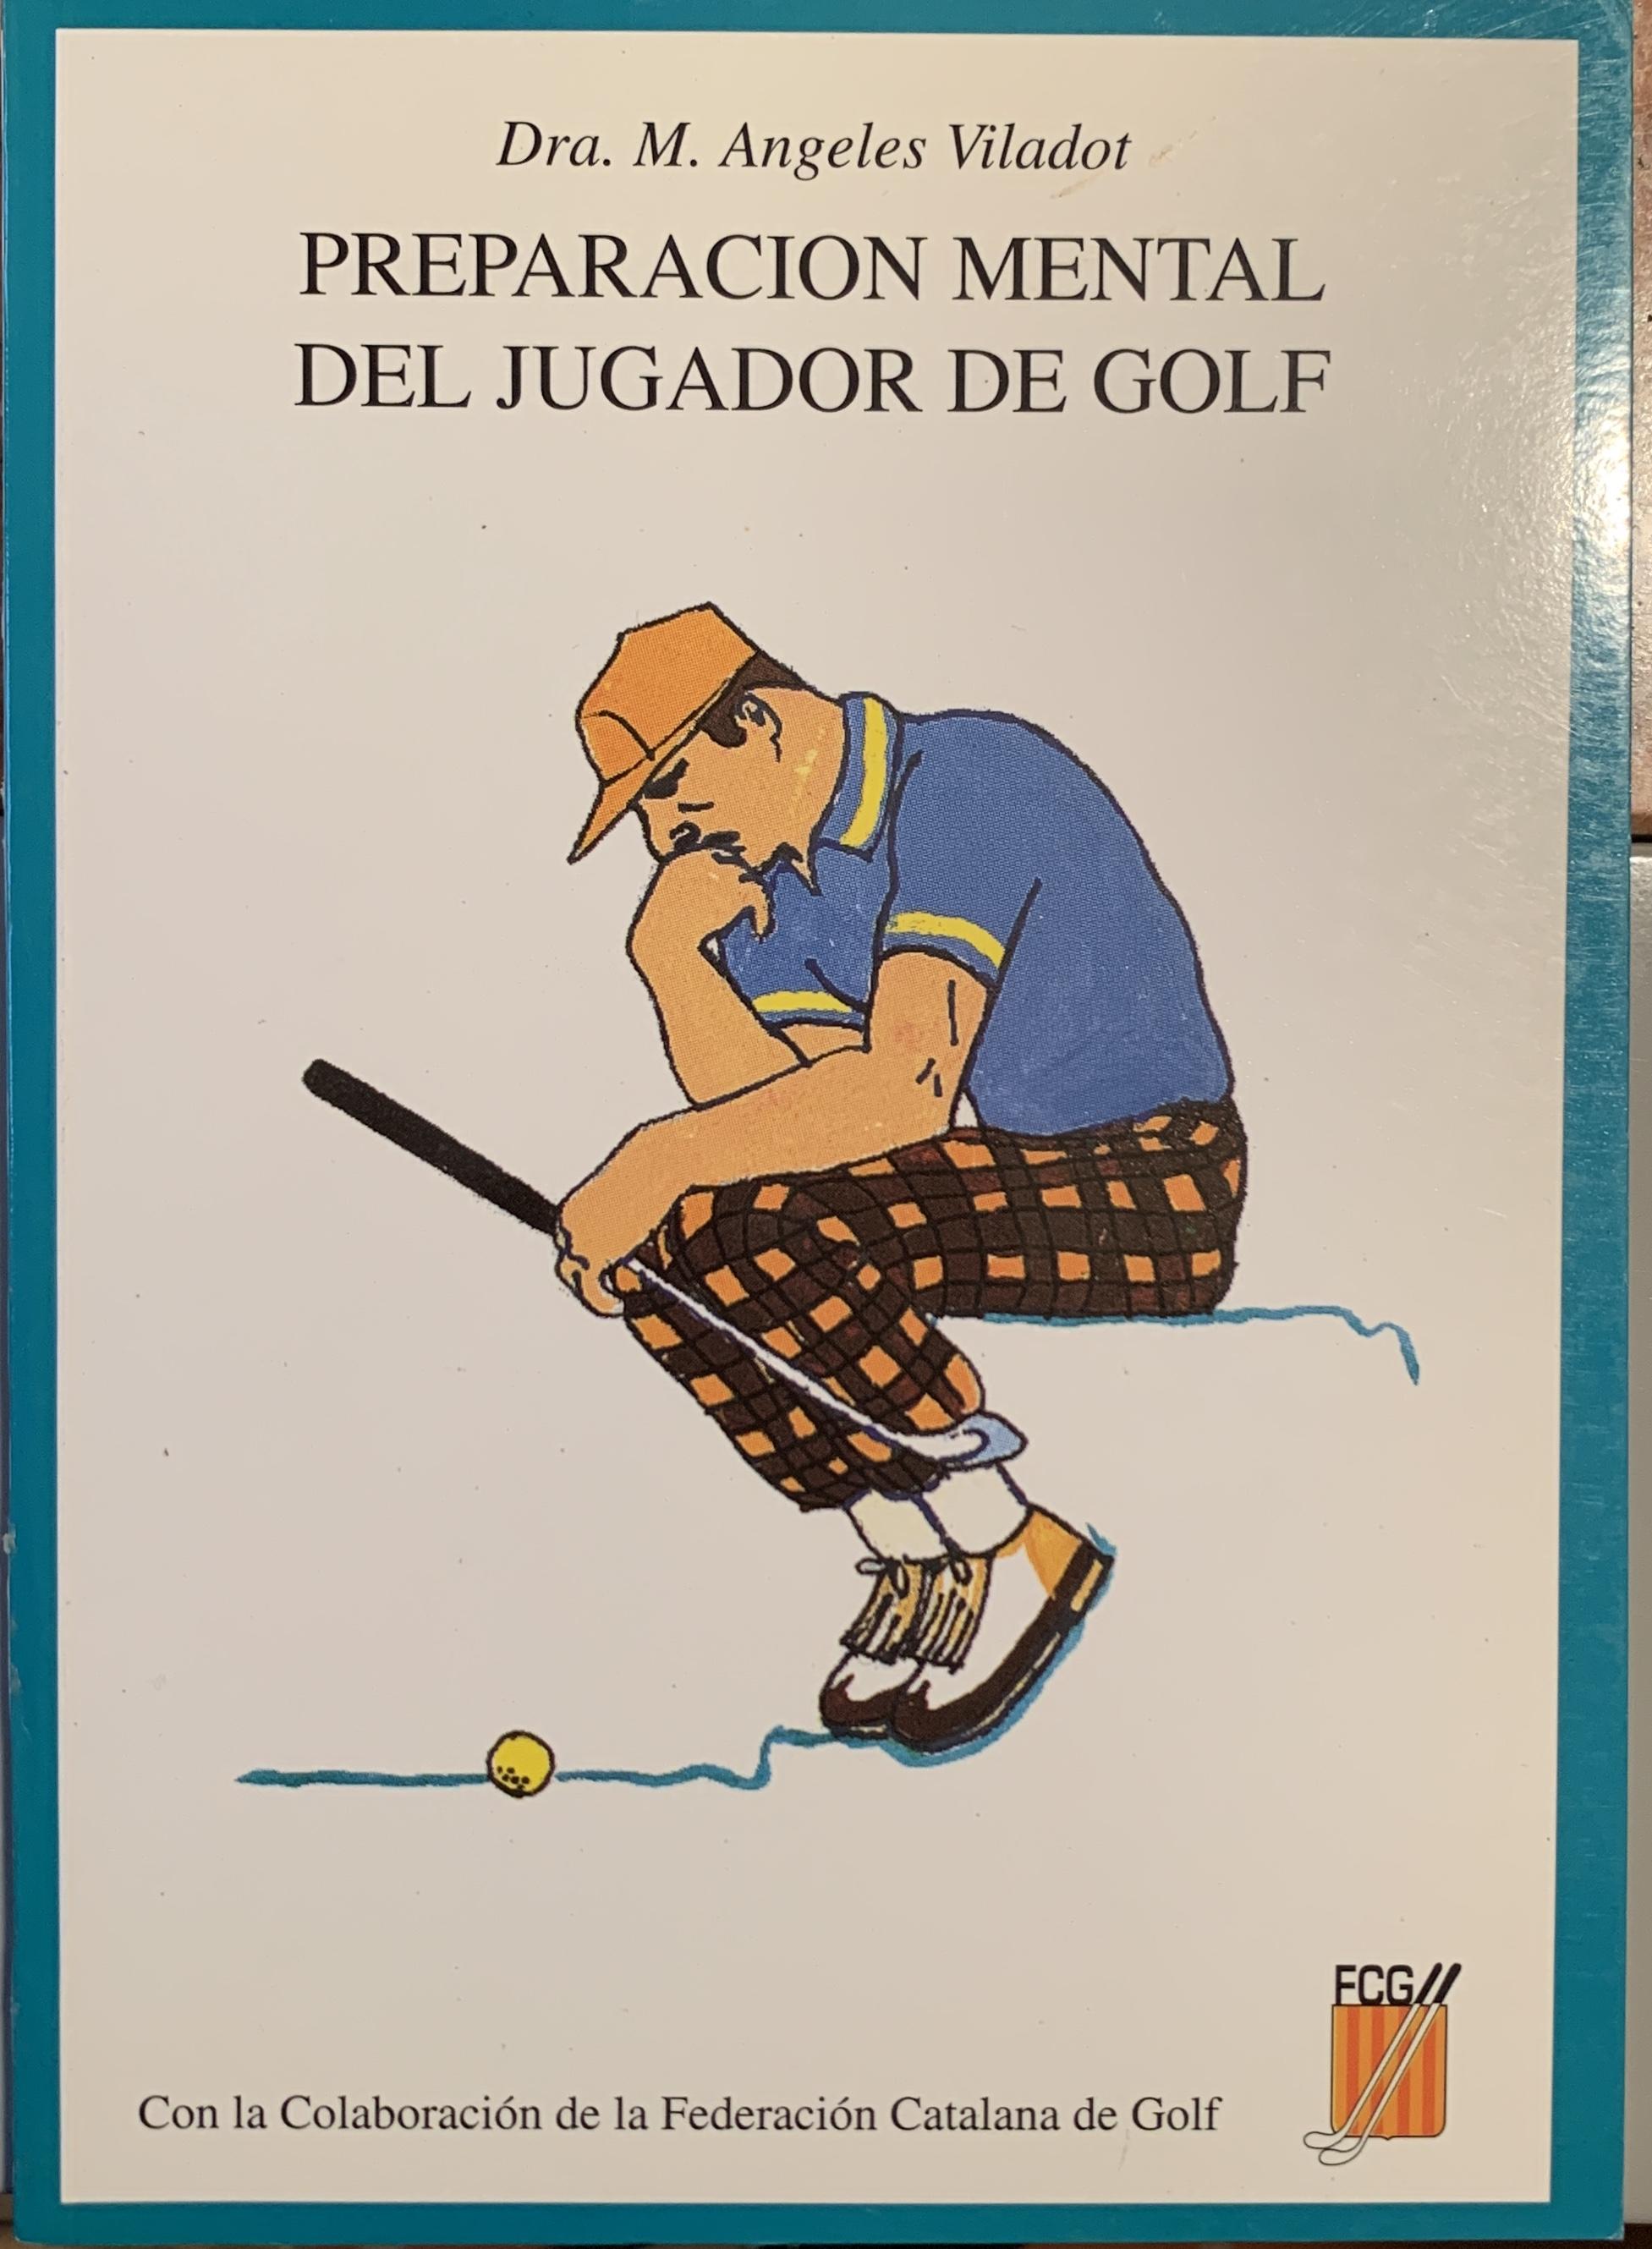 """Preparación mental del jugador de golf   [con la colaboración de la Federación Catalana de Golf]. Barcelona: Edicions i Serveis escolars Domènech, 1994.  """"Cuando hemos decidido que nadie es lo suficientemente bueno para enseñarnos nada más, podemos sincerarnos con nosotros mismos y decidir que no es el arco ni las flechas, que el problema está en el indio. Por ello, la autora nos ofrece soluciones para nuestros problemas. ¡Ponlos en práctica!"""